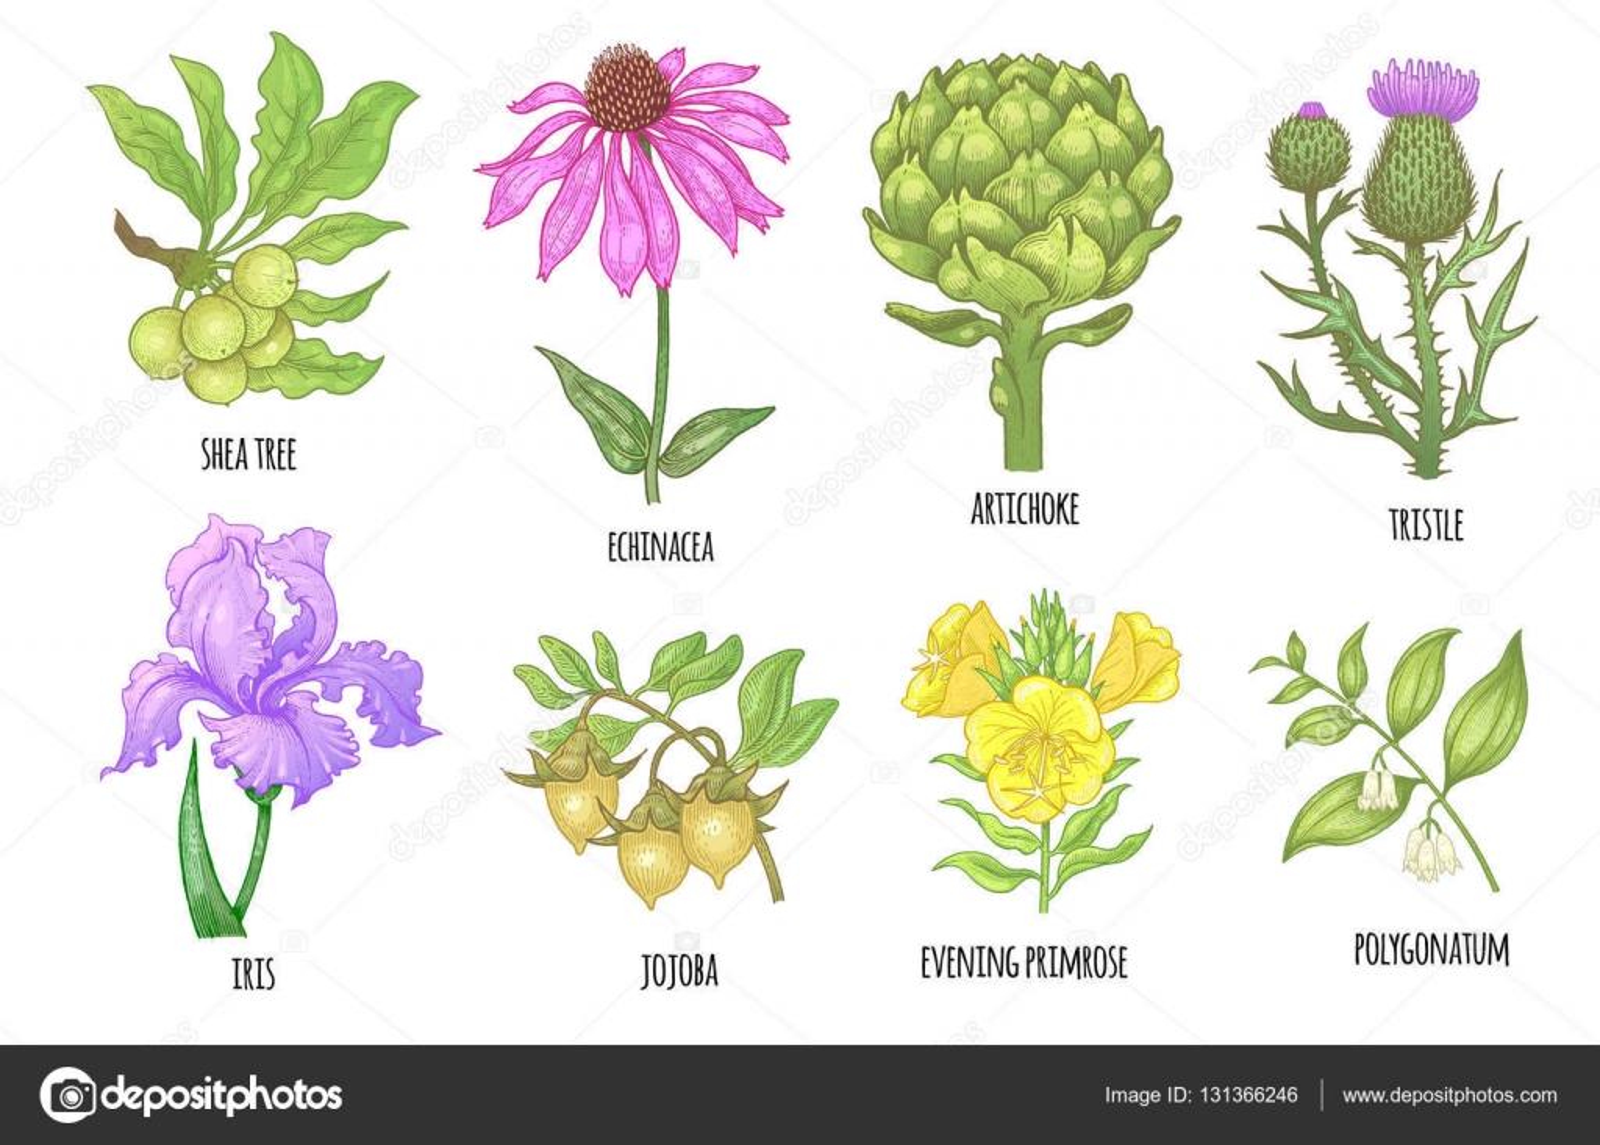 Im genes plantas medicinales conjunto de plantas for Plantas ornamentales y medicinales